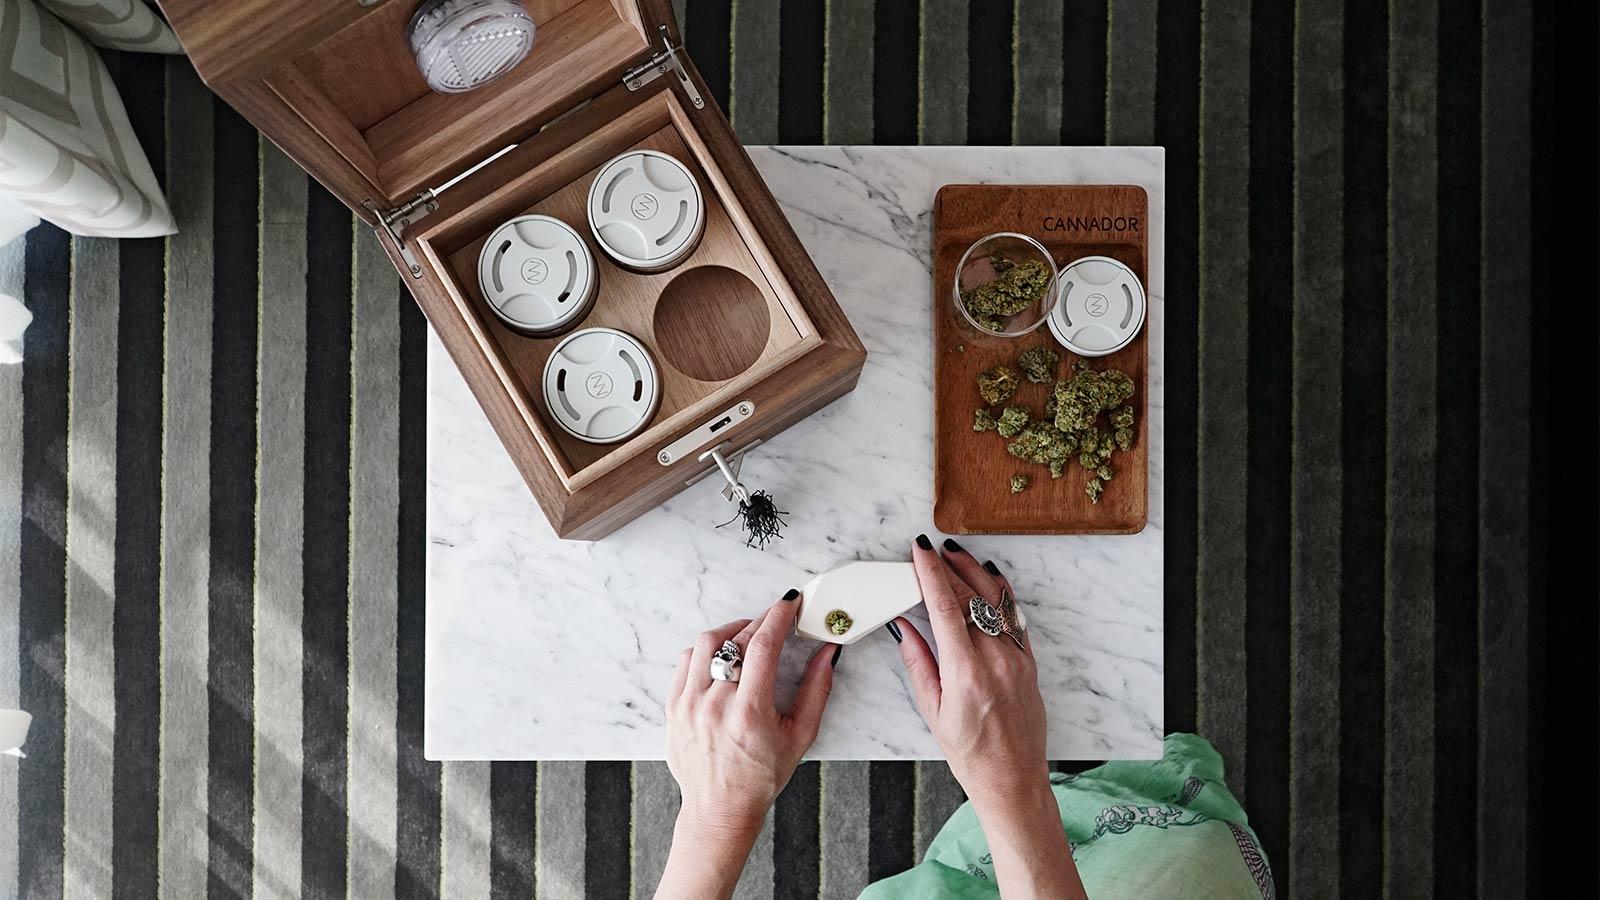 Luxury Cannabis Product Spotlight: Cannador